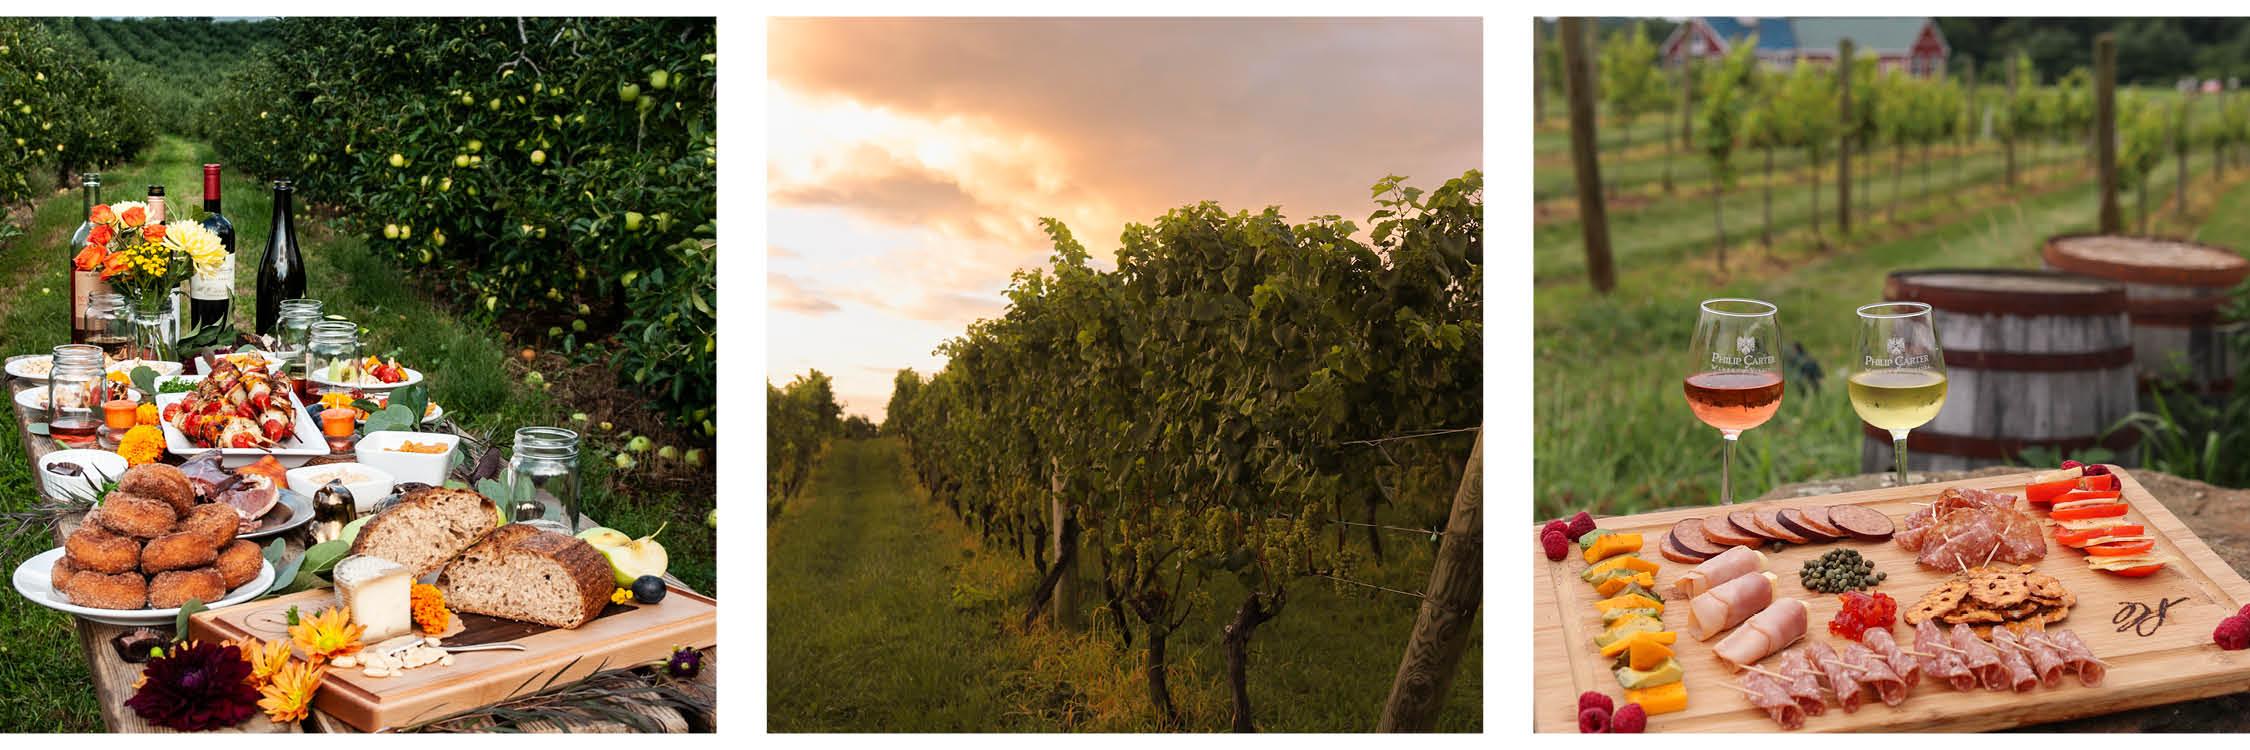 Images: VAfoodie / Virginia Wine